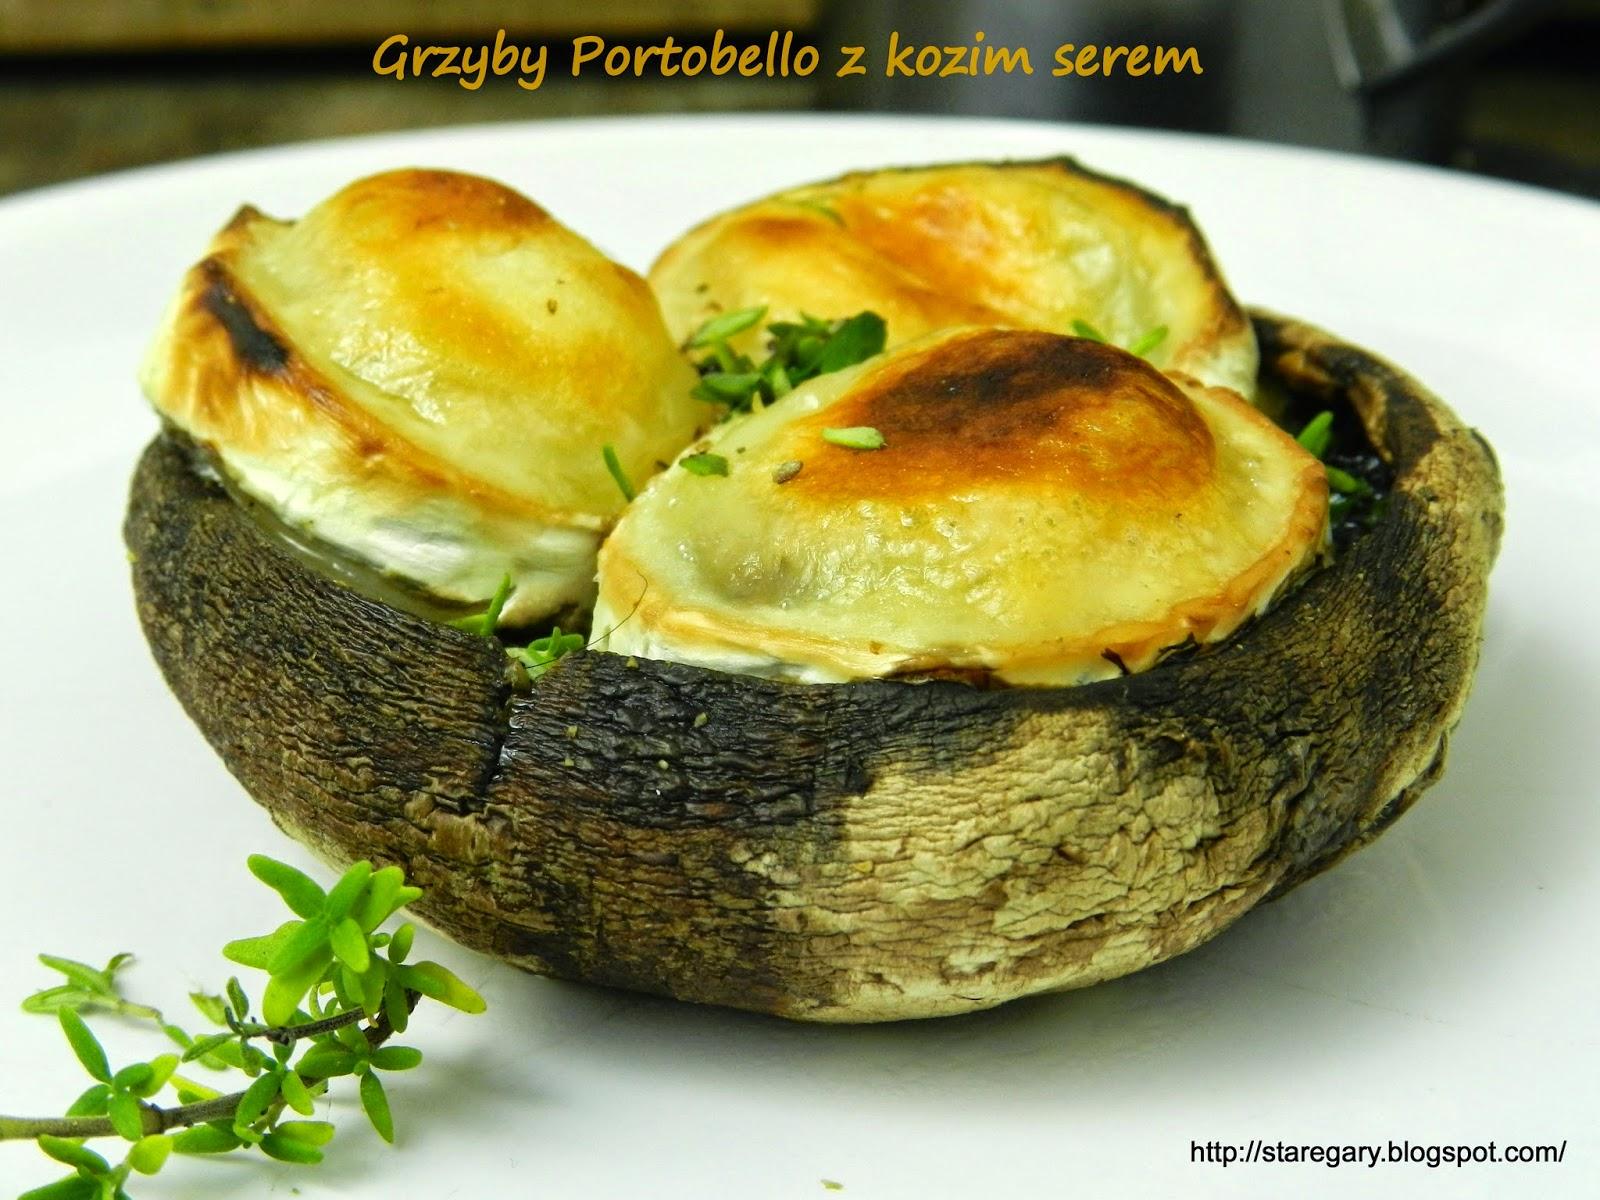 Grzyby Portobello z kozim serem